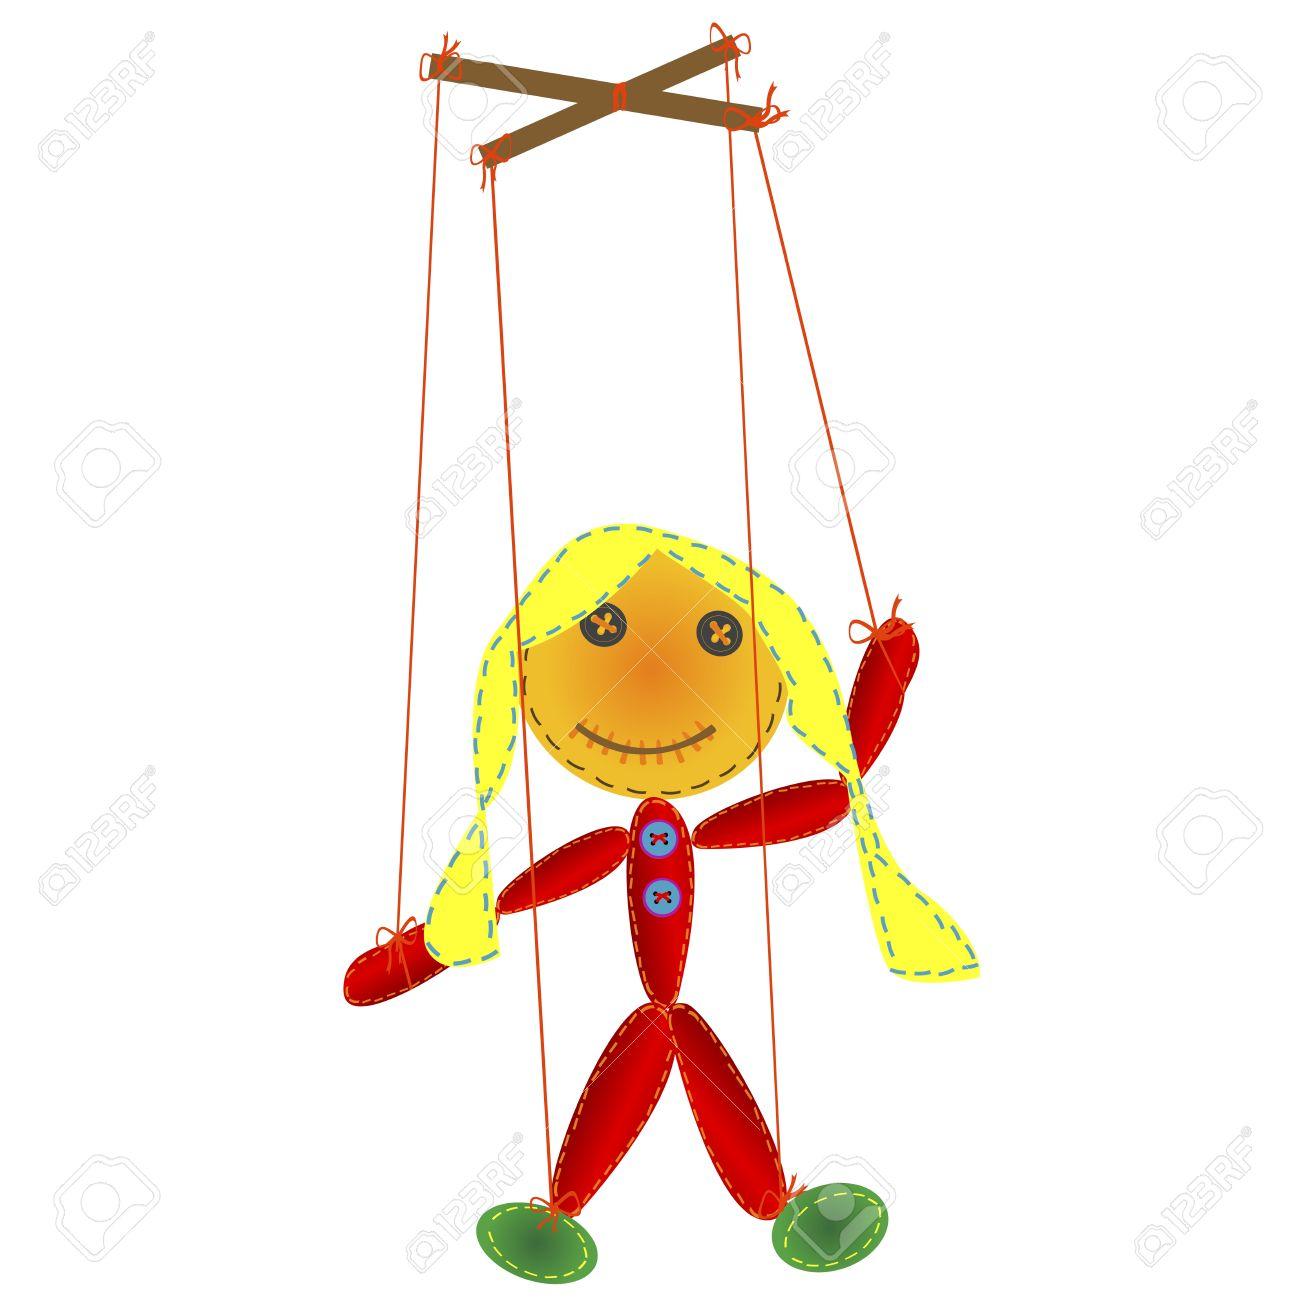 Как сделать куклу на веревочках своими руками